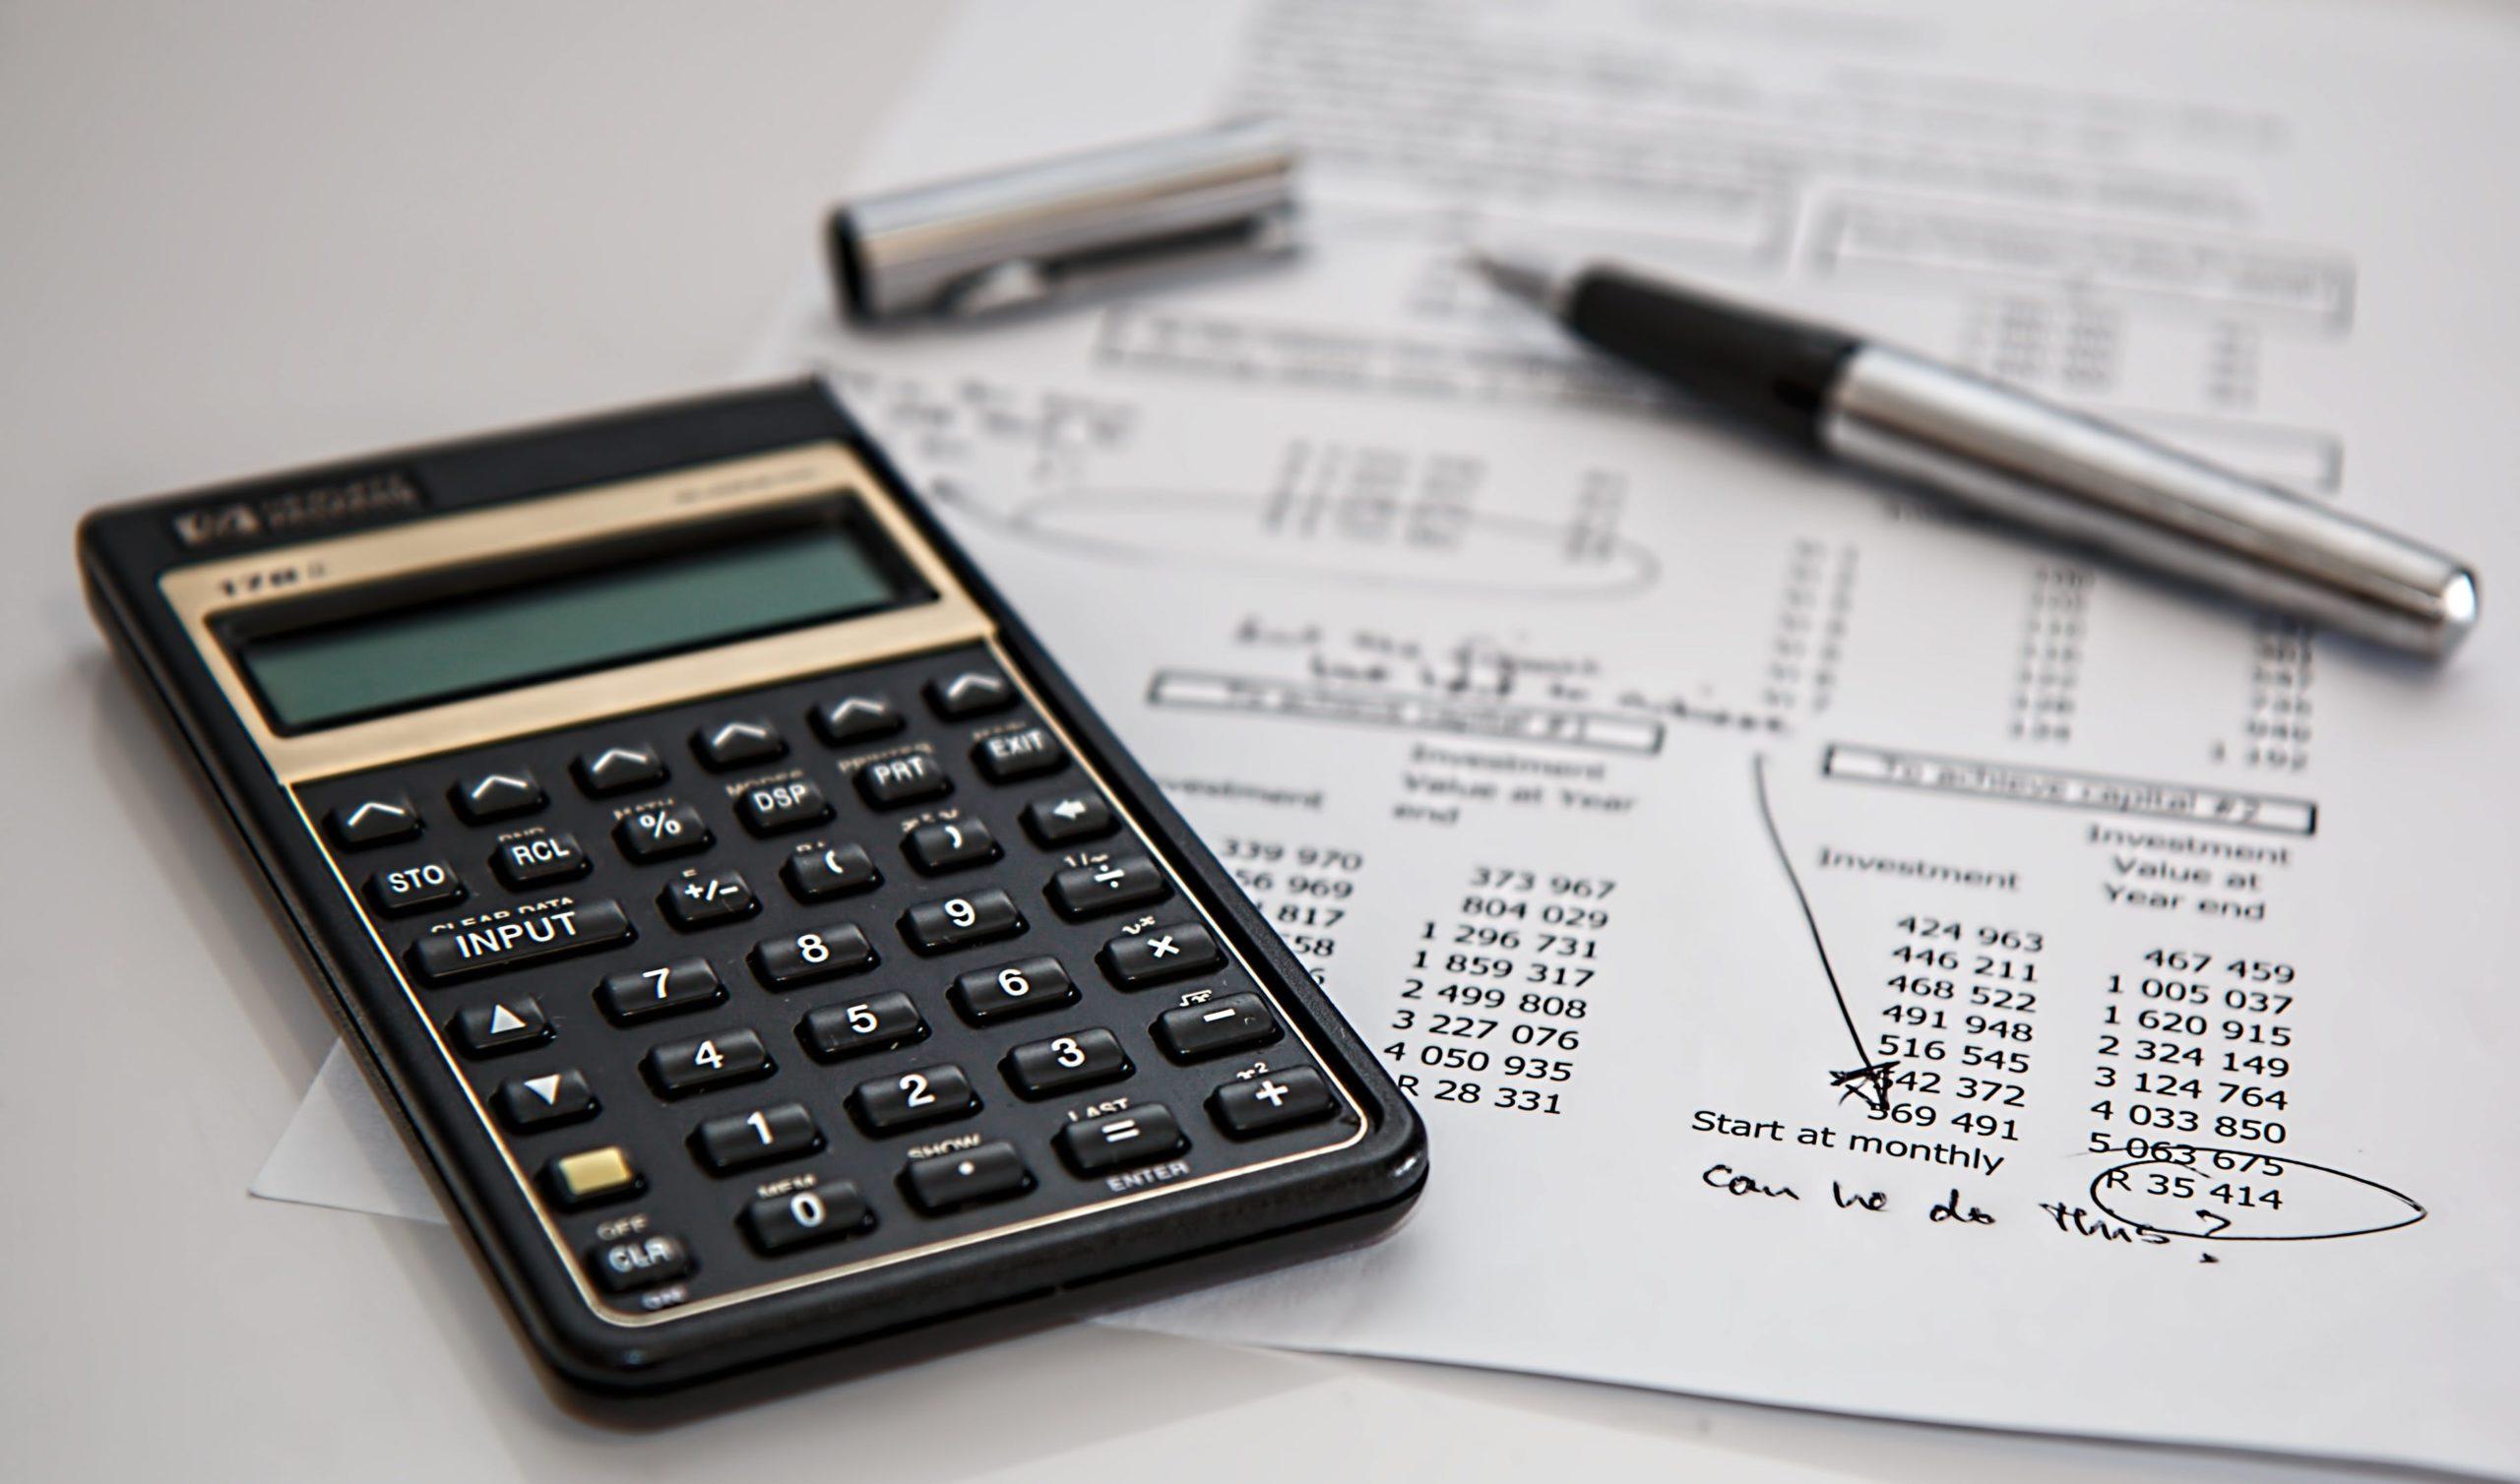 Tenere i tuoi risparmi sul conto corrente conviene? I consigli dell'esperto